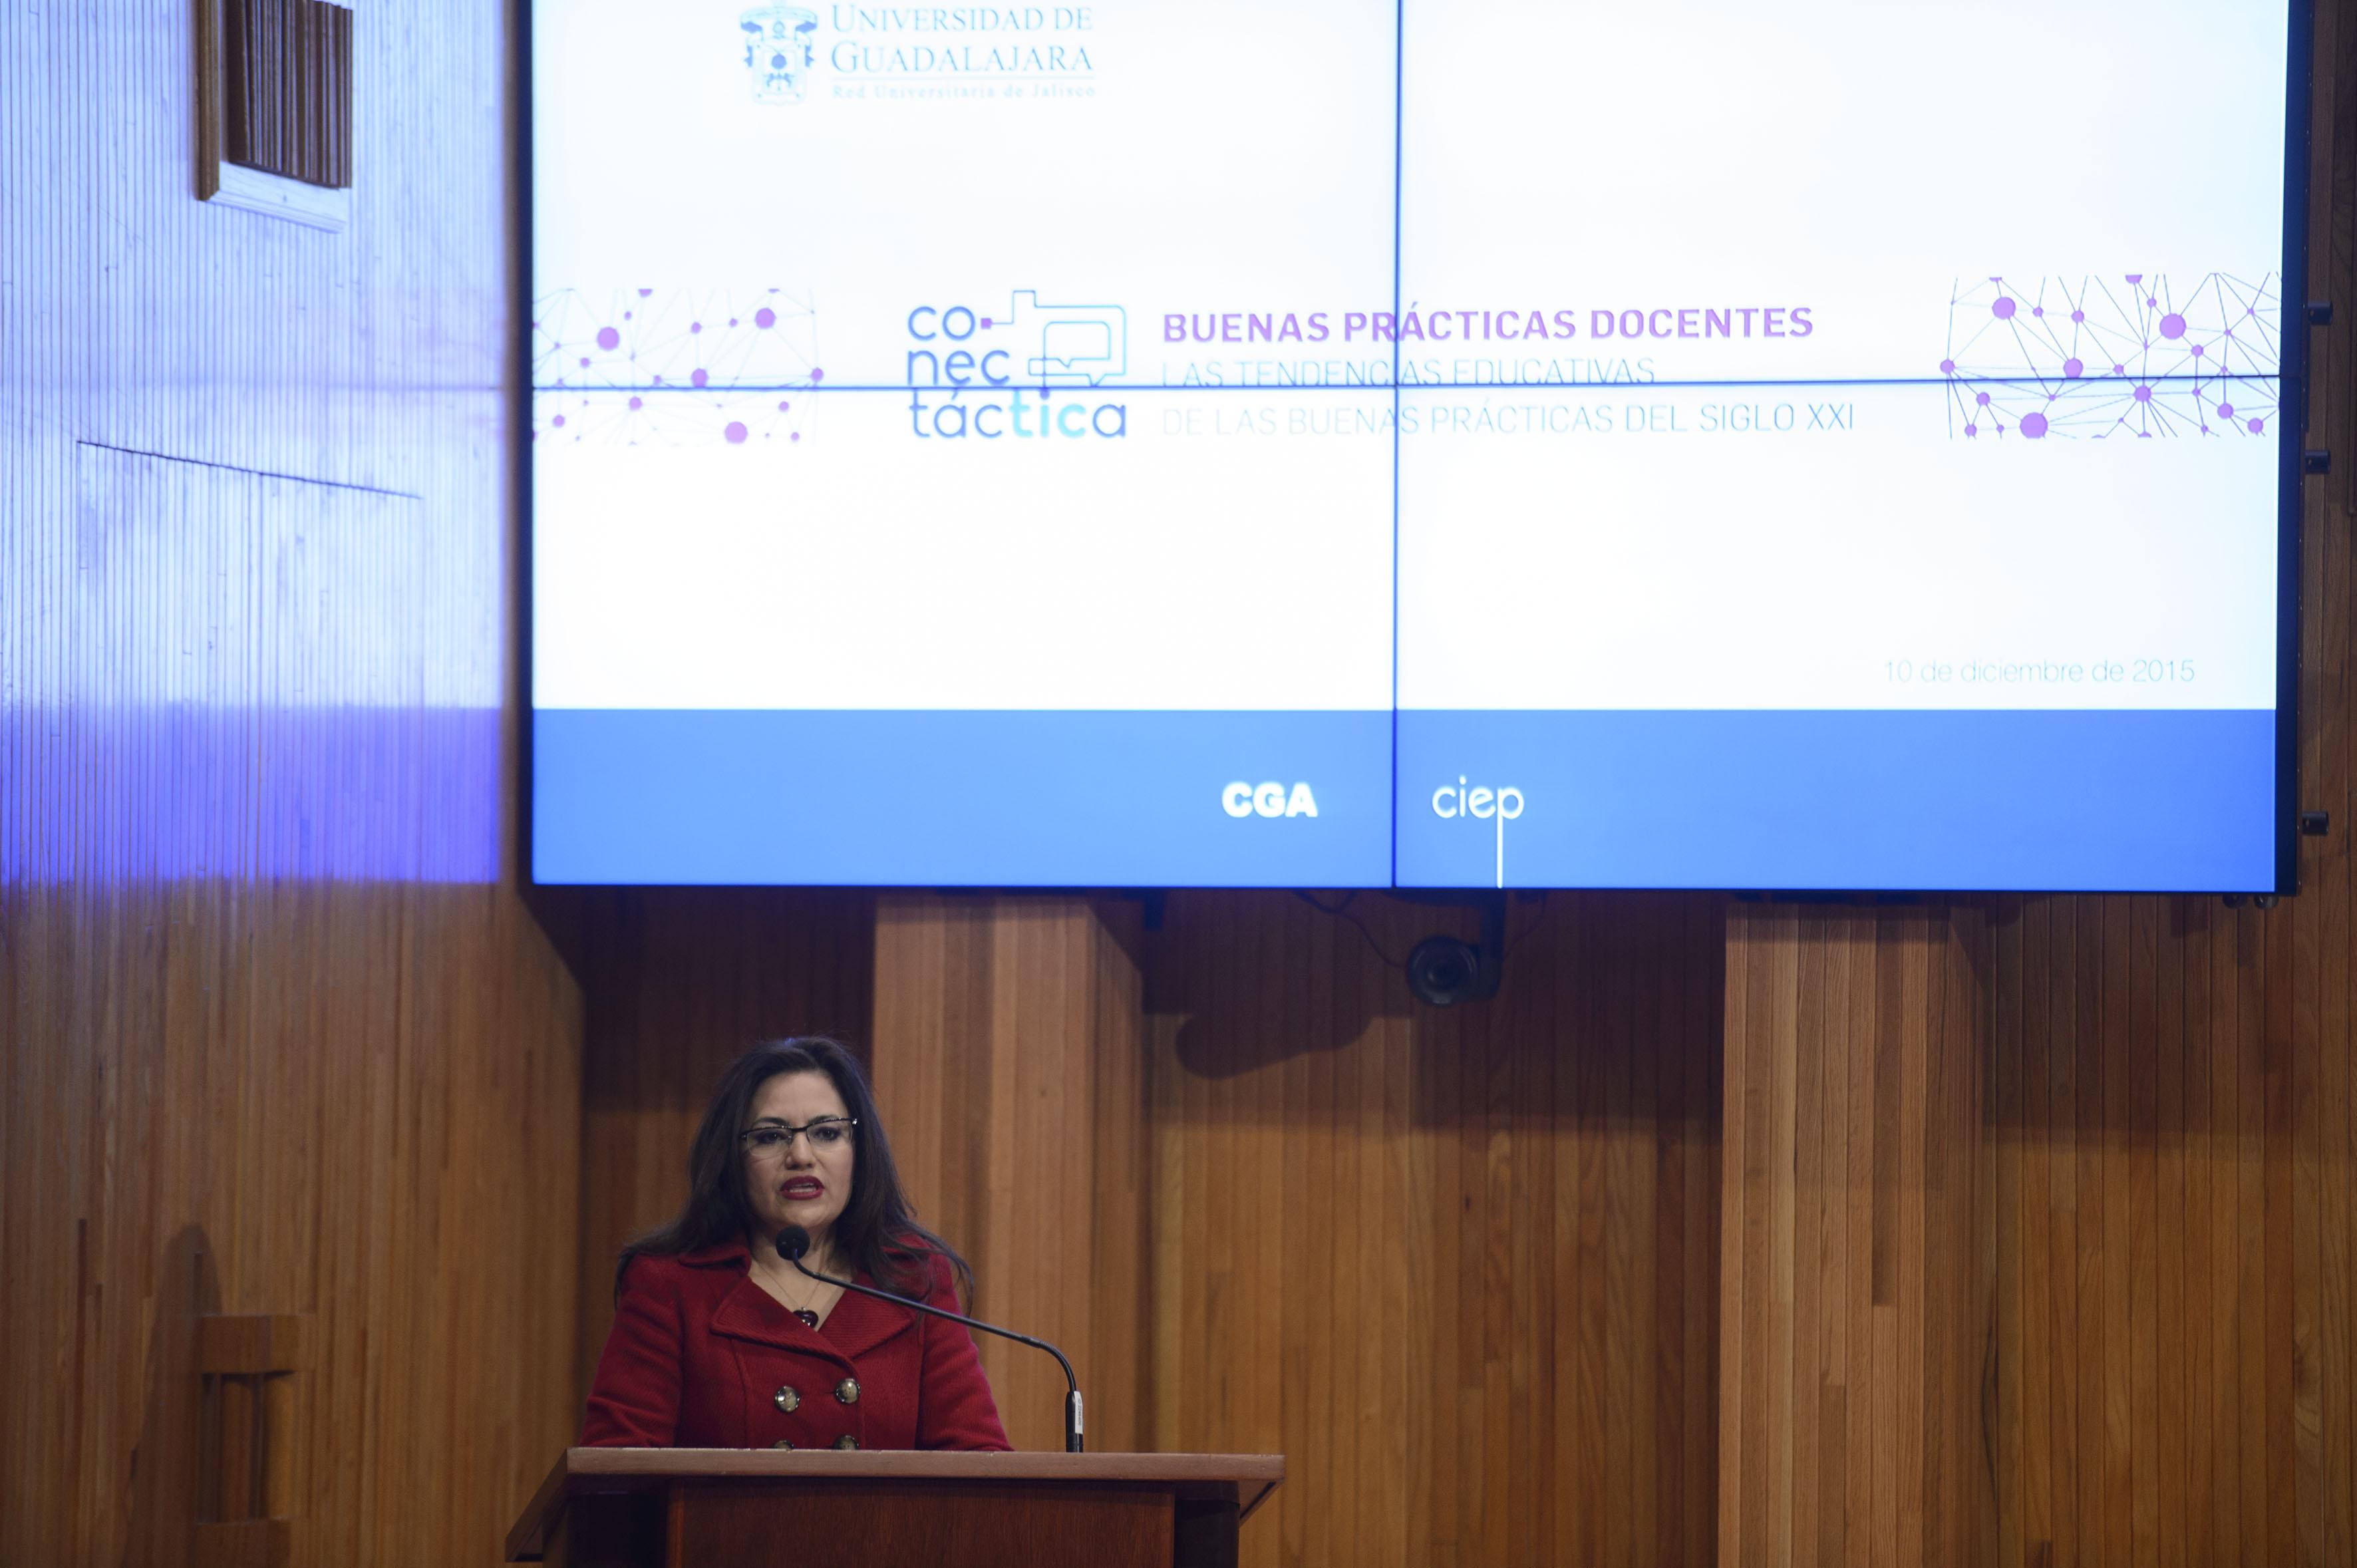 Coordinadora de Innovación Educativa y Pregrado de la Universidad de Guadalajara, doctora Patricia Rosas Chávez haciendo uso de la palabra